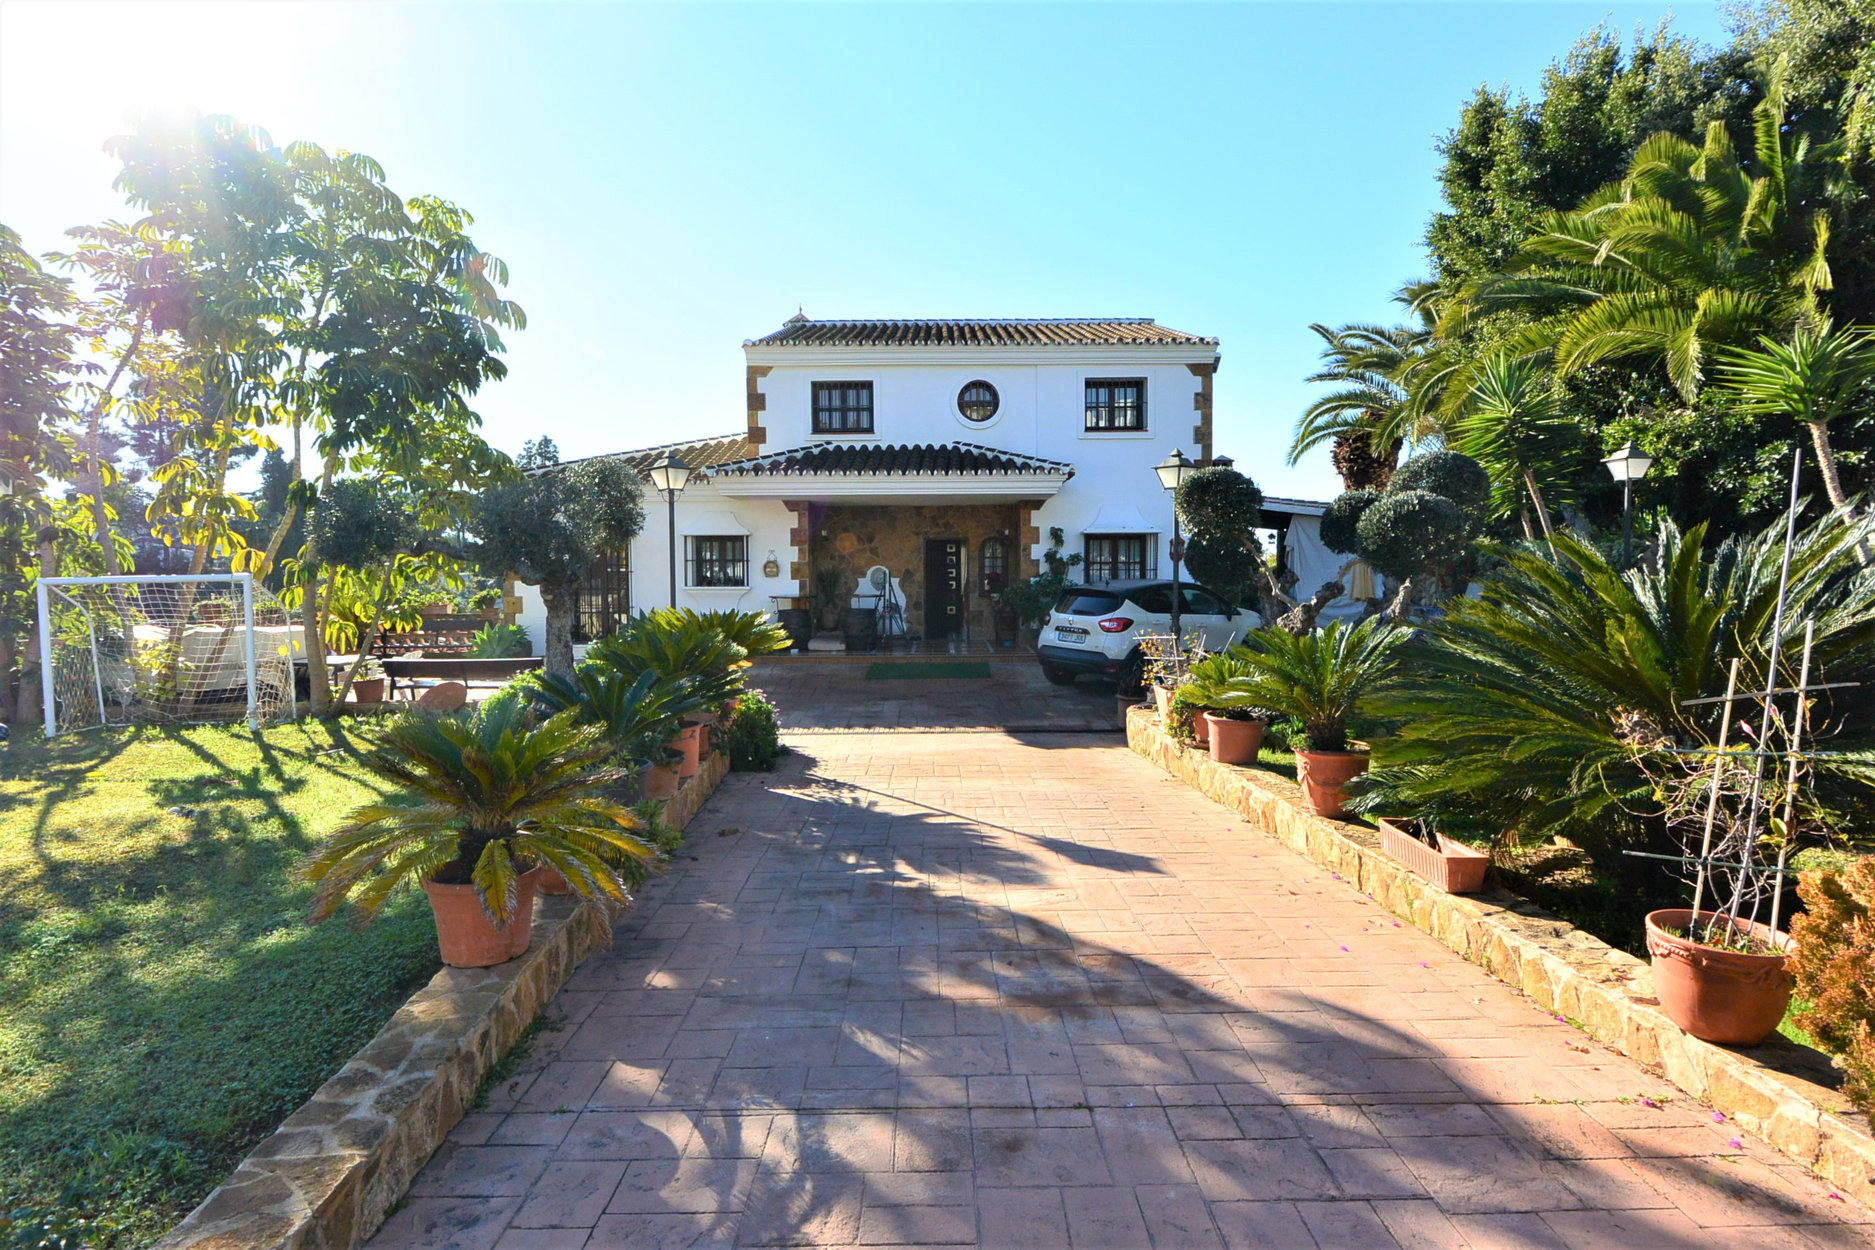 Villa for sale in Marbella, Urb las Cumbres